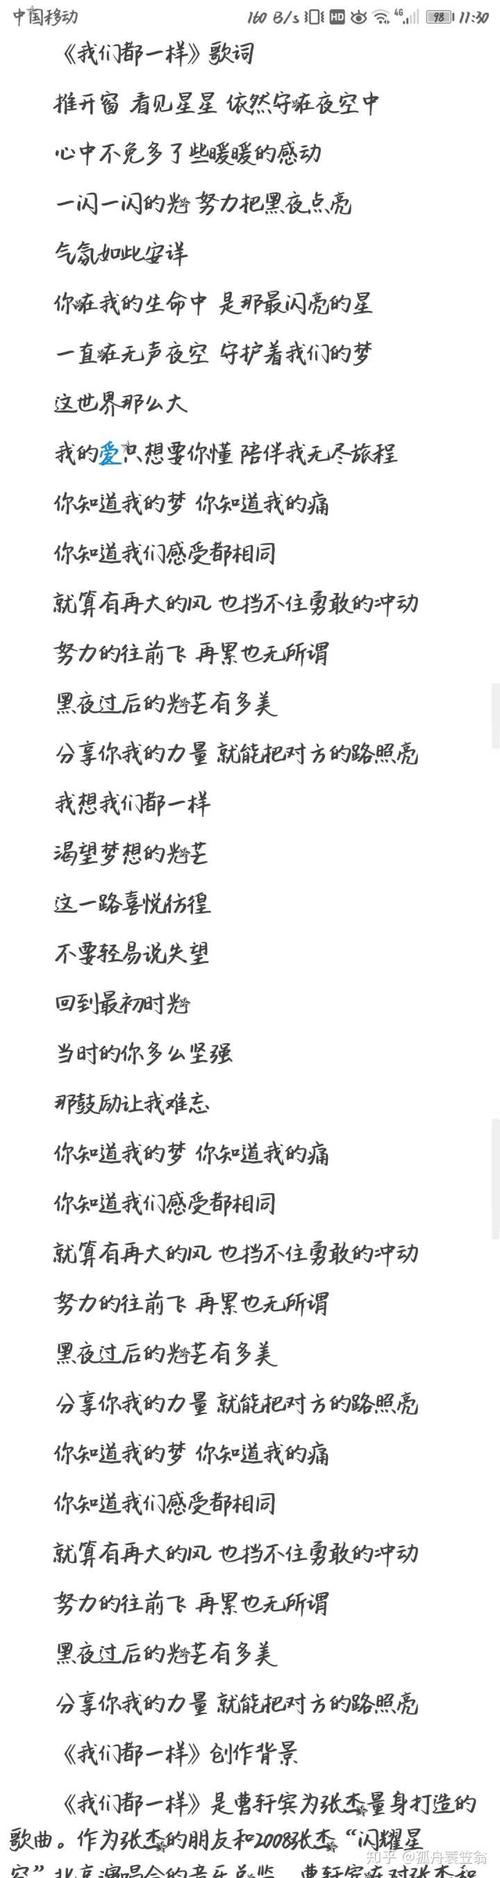 征途-张杰(MP3歌词/LRC歌词) lrc歌词下载 第3张